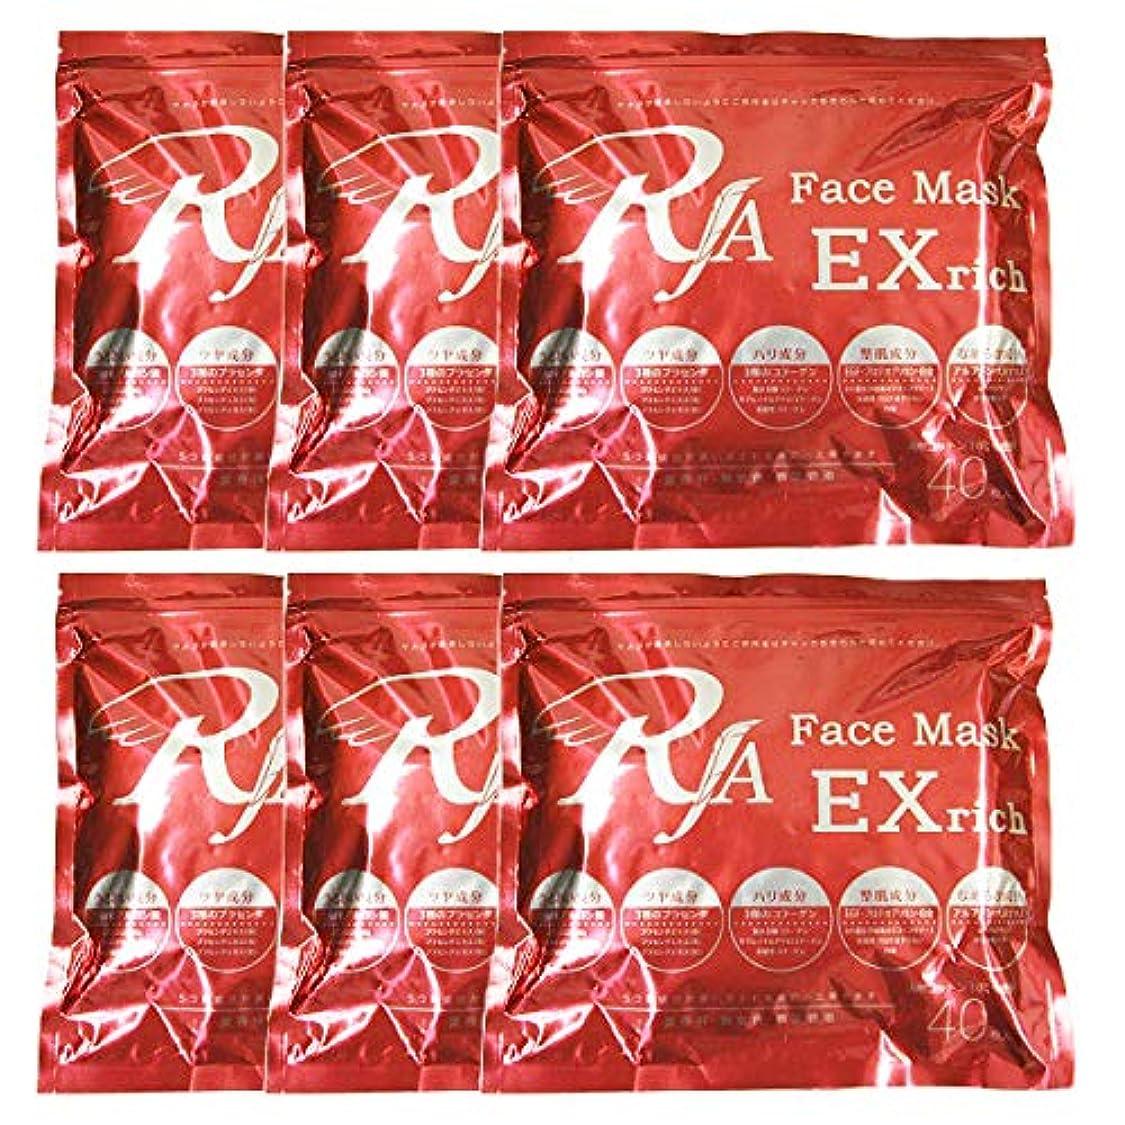 宝関連する身元TBS公式/RJA フェイス マスク EXrich 240枚入(40枚×6袋) エステ使用の実力派フェイスマスク!1枚に約11mlもの美容液